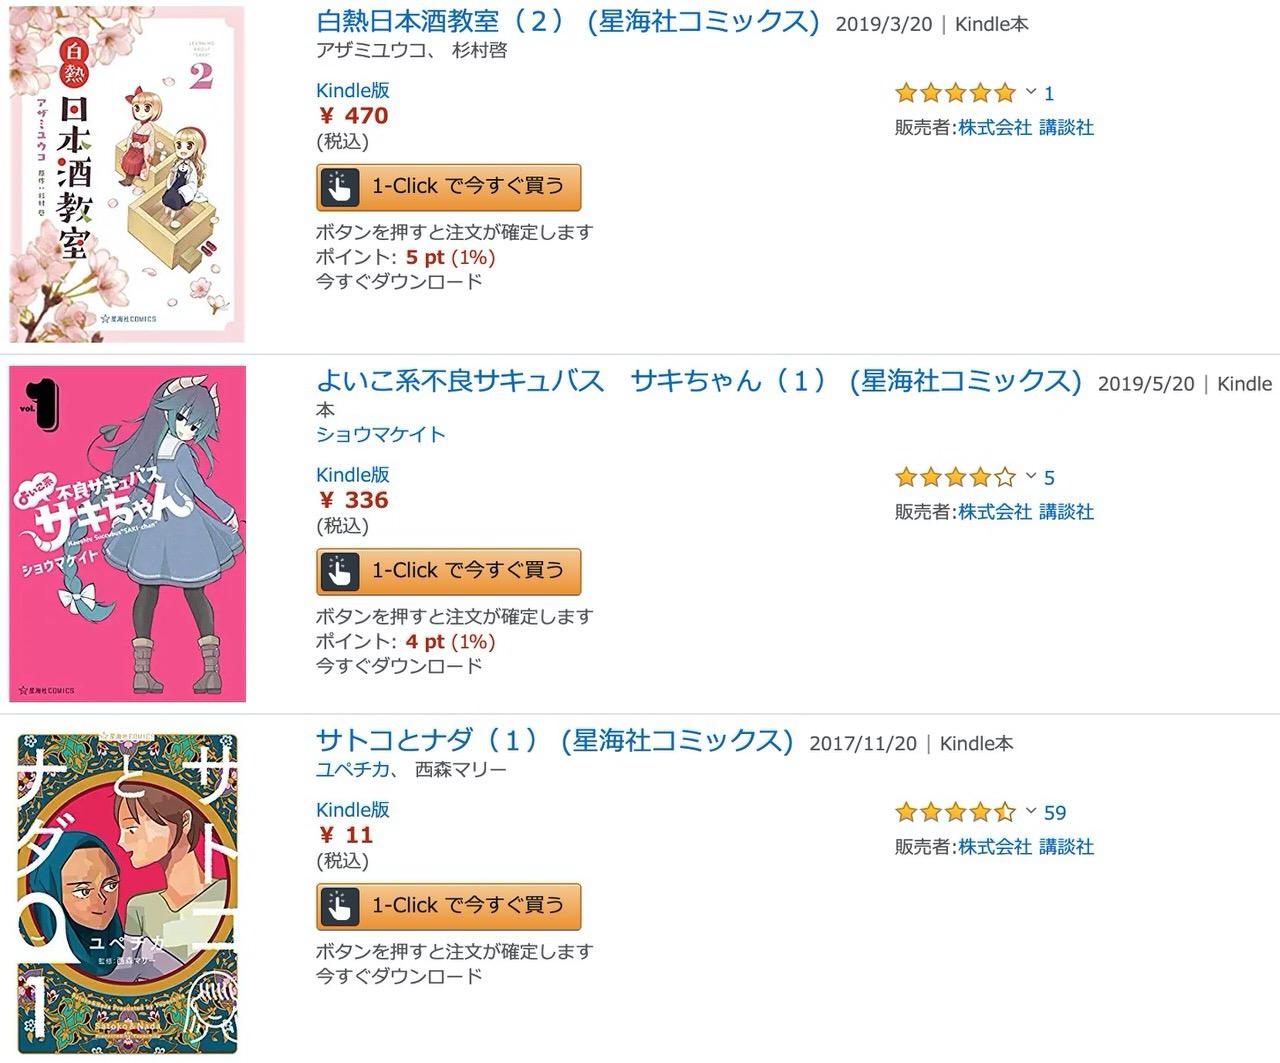 【Kindleセール】白熱日本酒教室、草薙先生は試されている、トモちゃんは女の子!など「冬☆電書2020 星海社COMICSフェア」開催中(1/30まで)